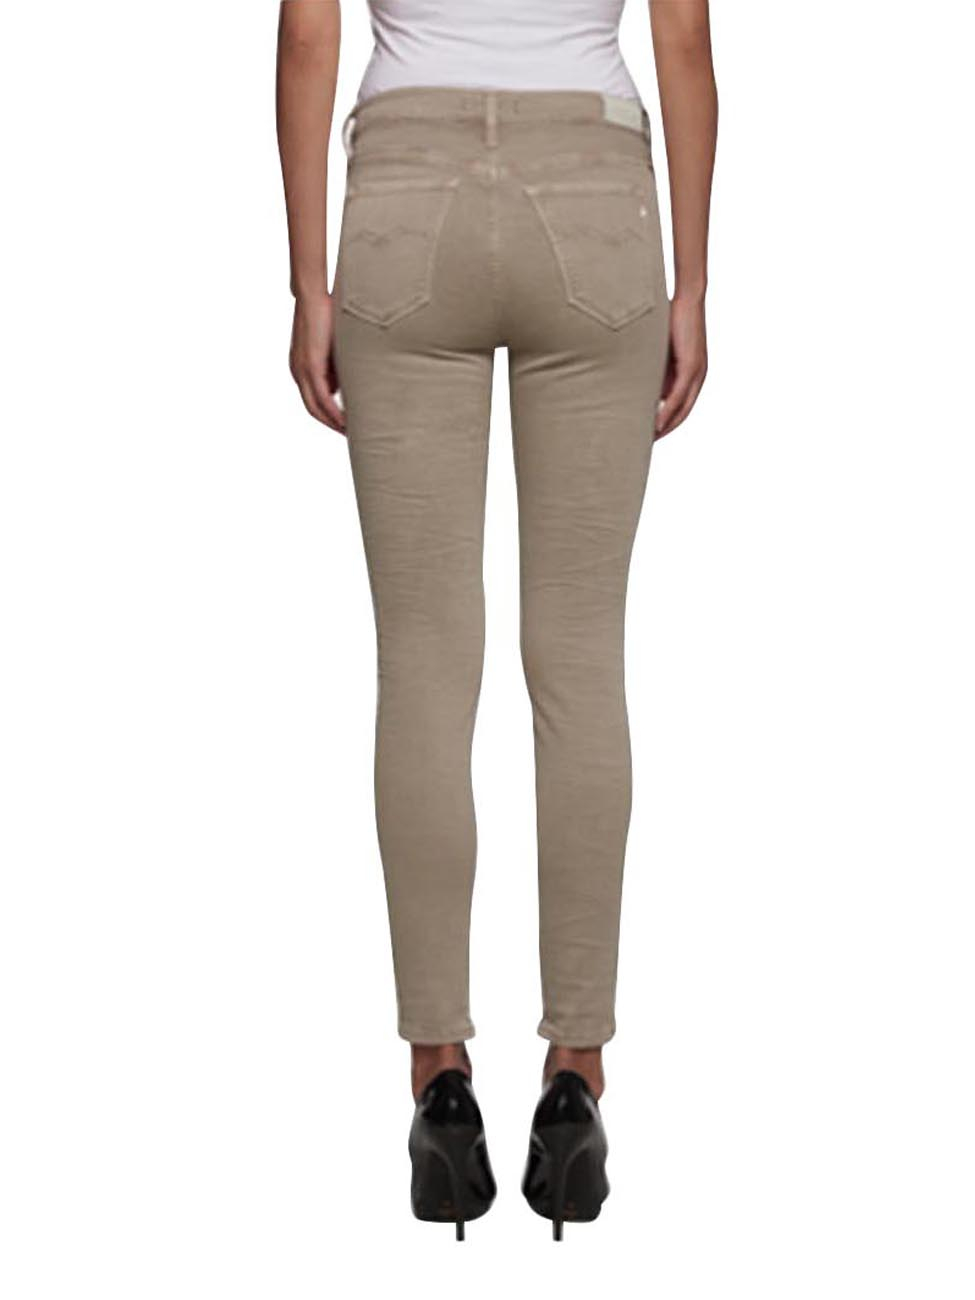 replay damen jeggings joi skinny fit beige sand kaufen jeans direct de. Black Bedroom Furniture Sets. Home Design Ideas